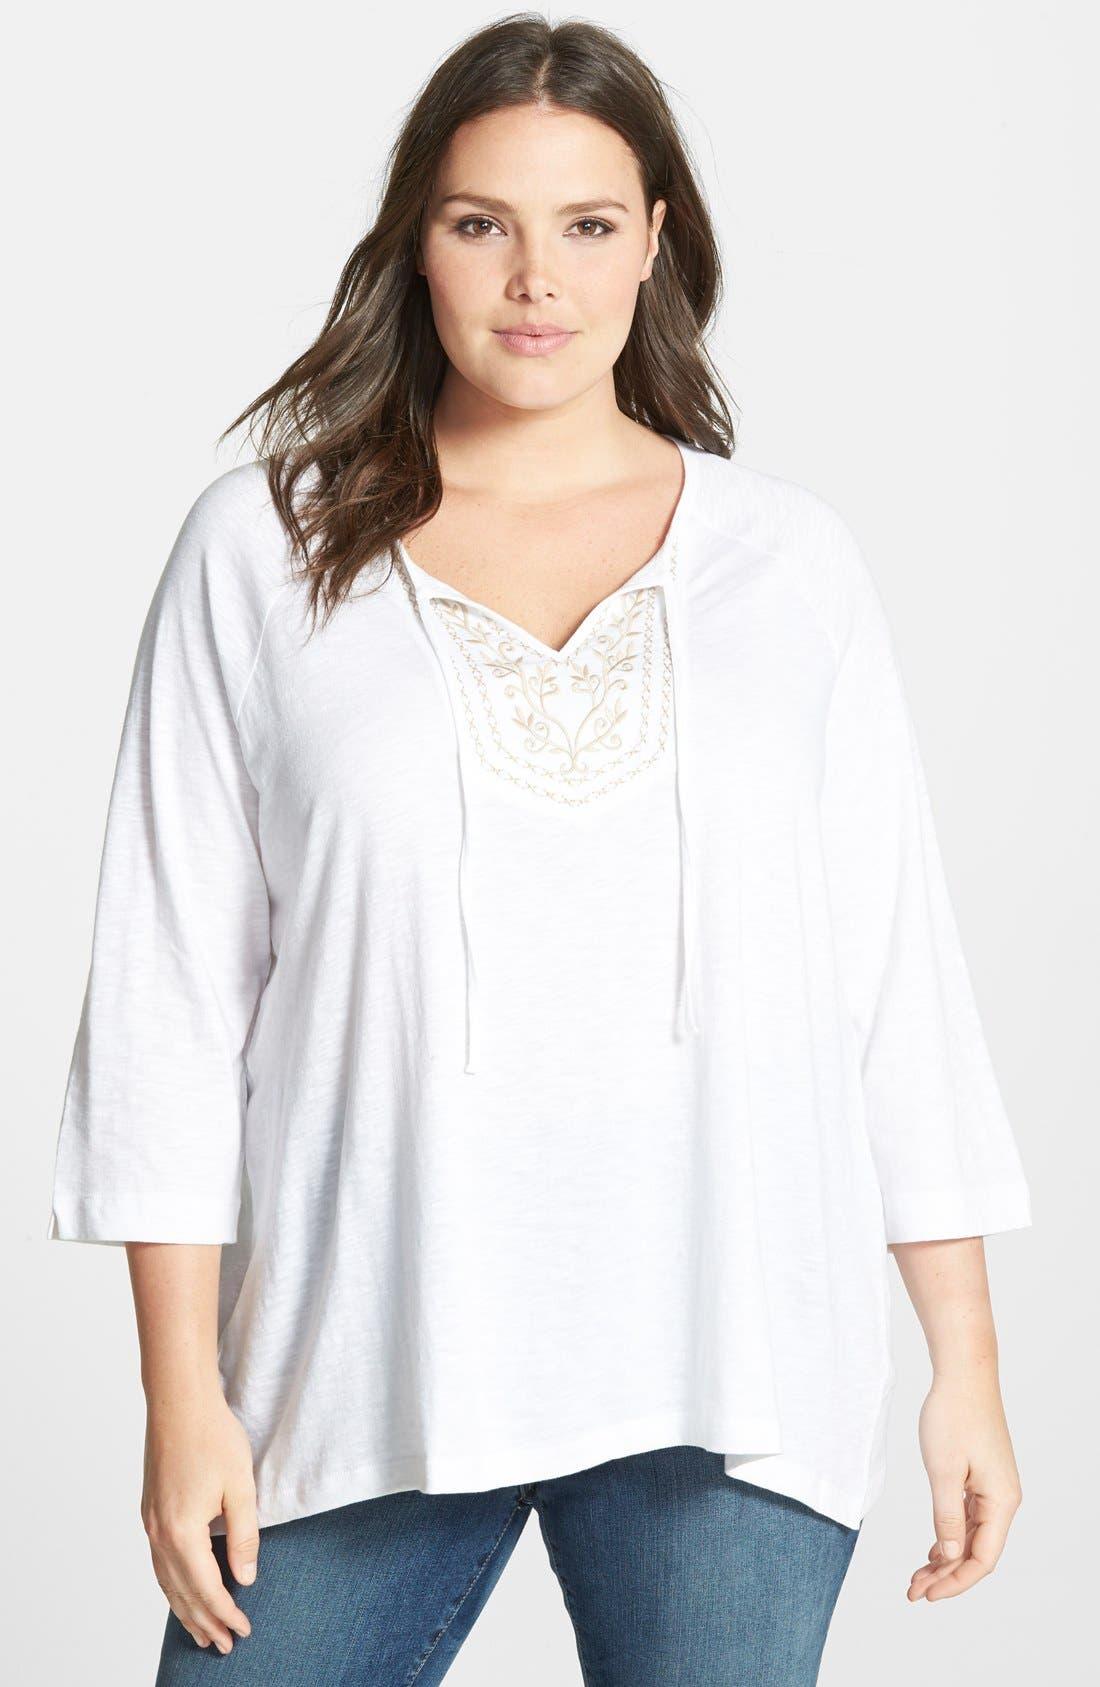 Alternate Image 1 Selected - Sejour 'Super Slub' Cotton Knit Tunic (Plus Size)